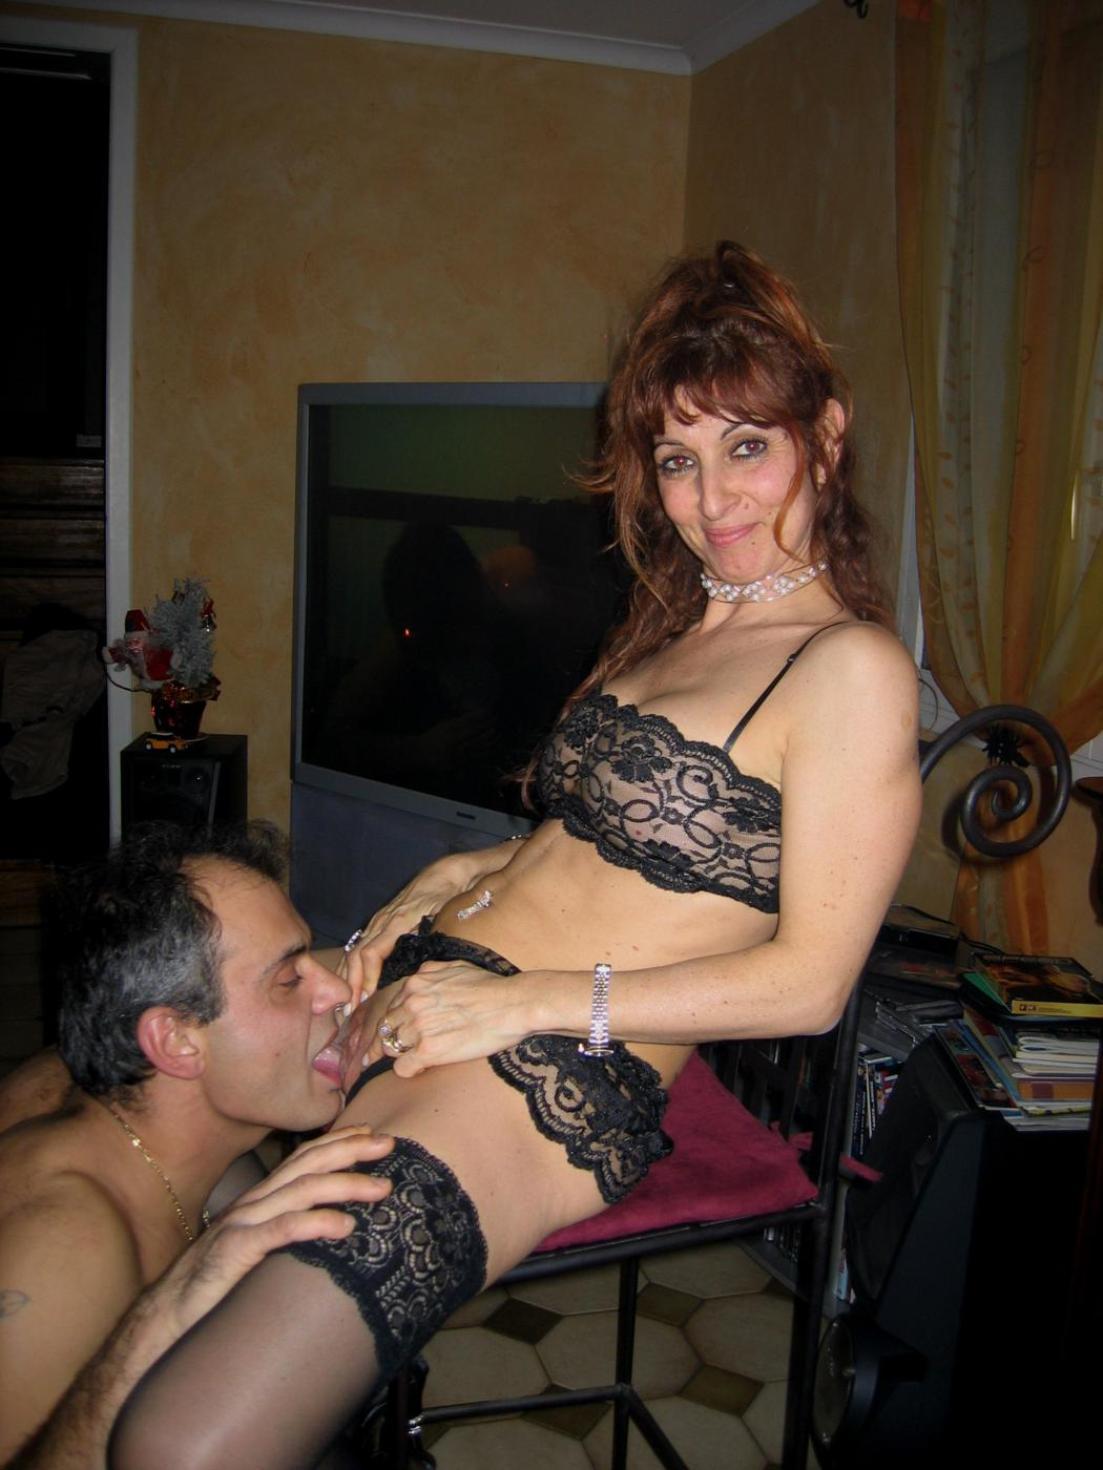 армянские порно женщины фото